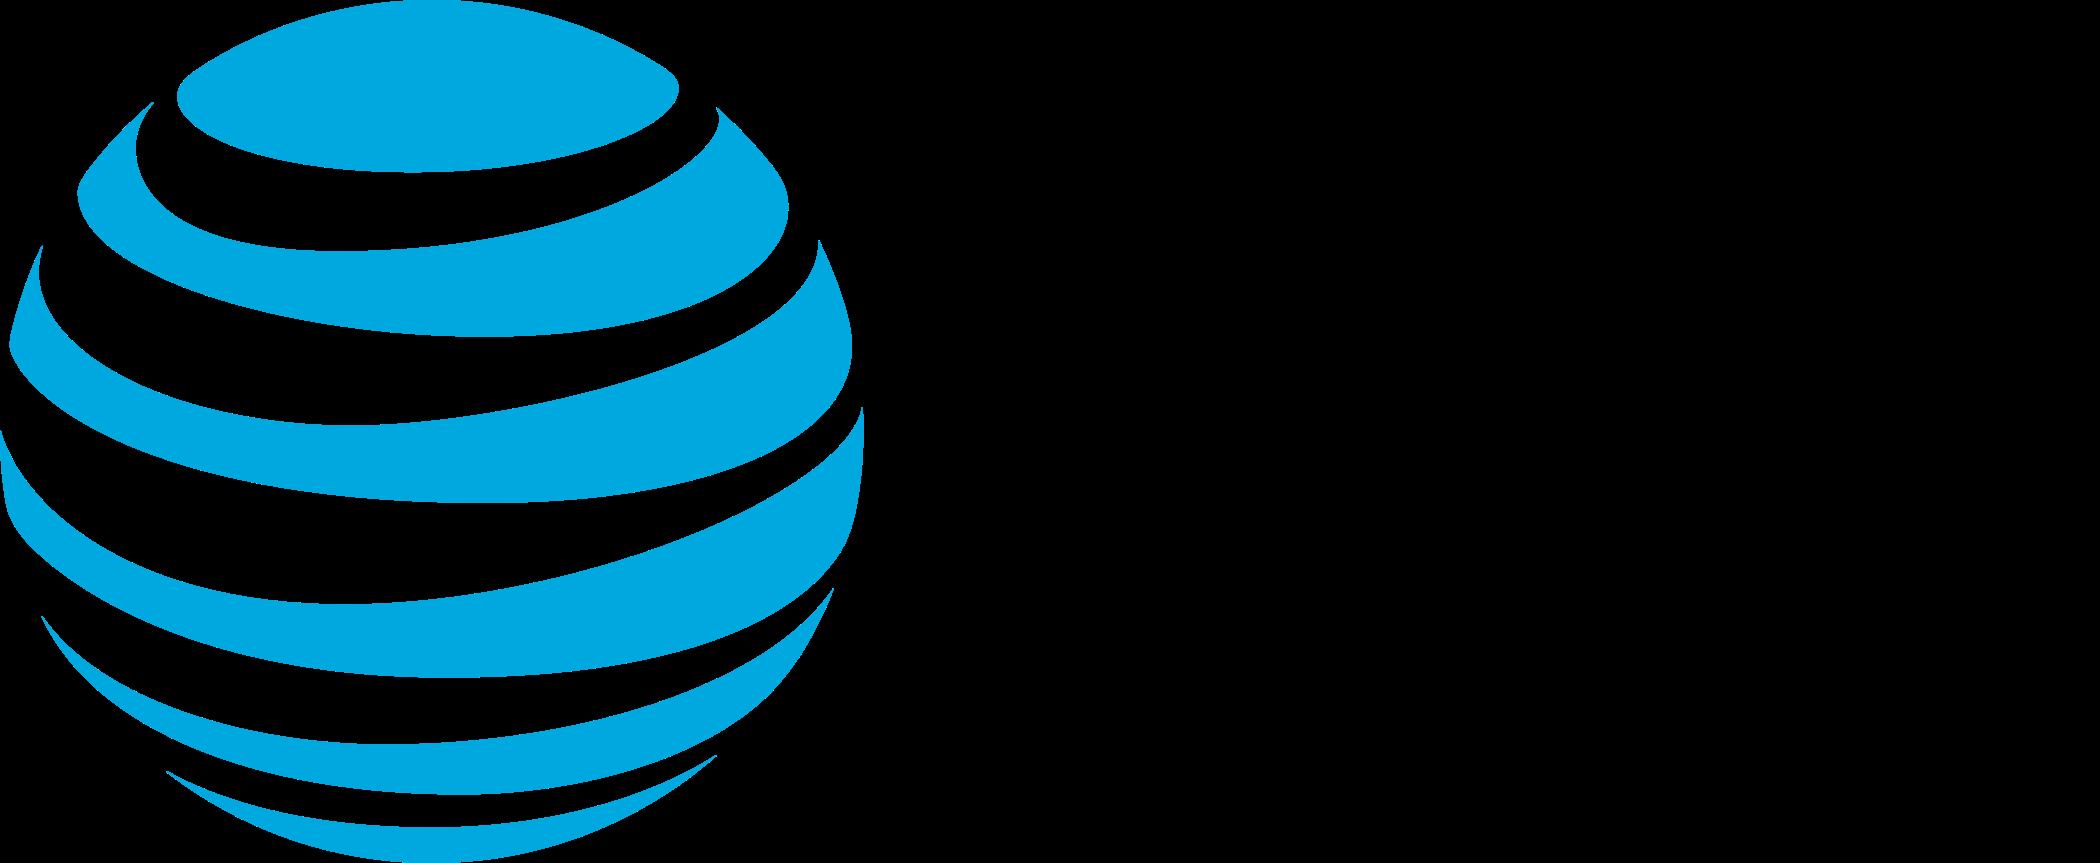 att logo 2 - AT&T Logo